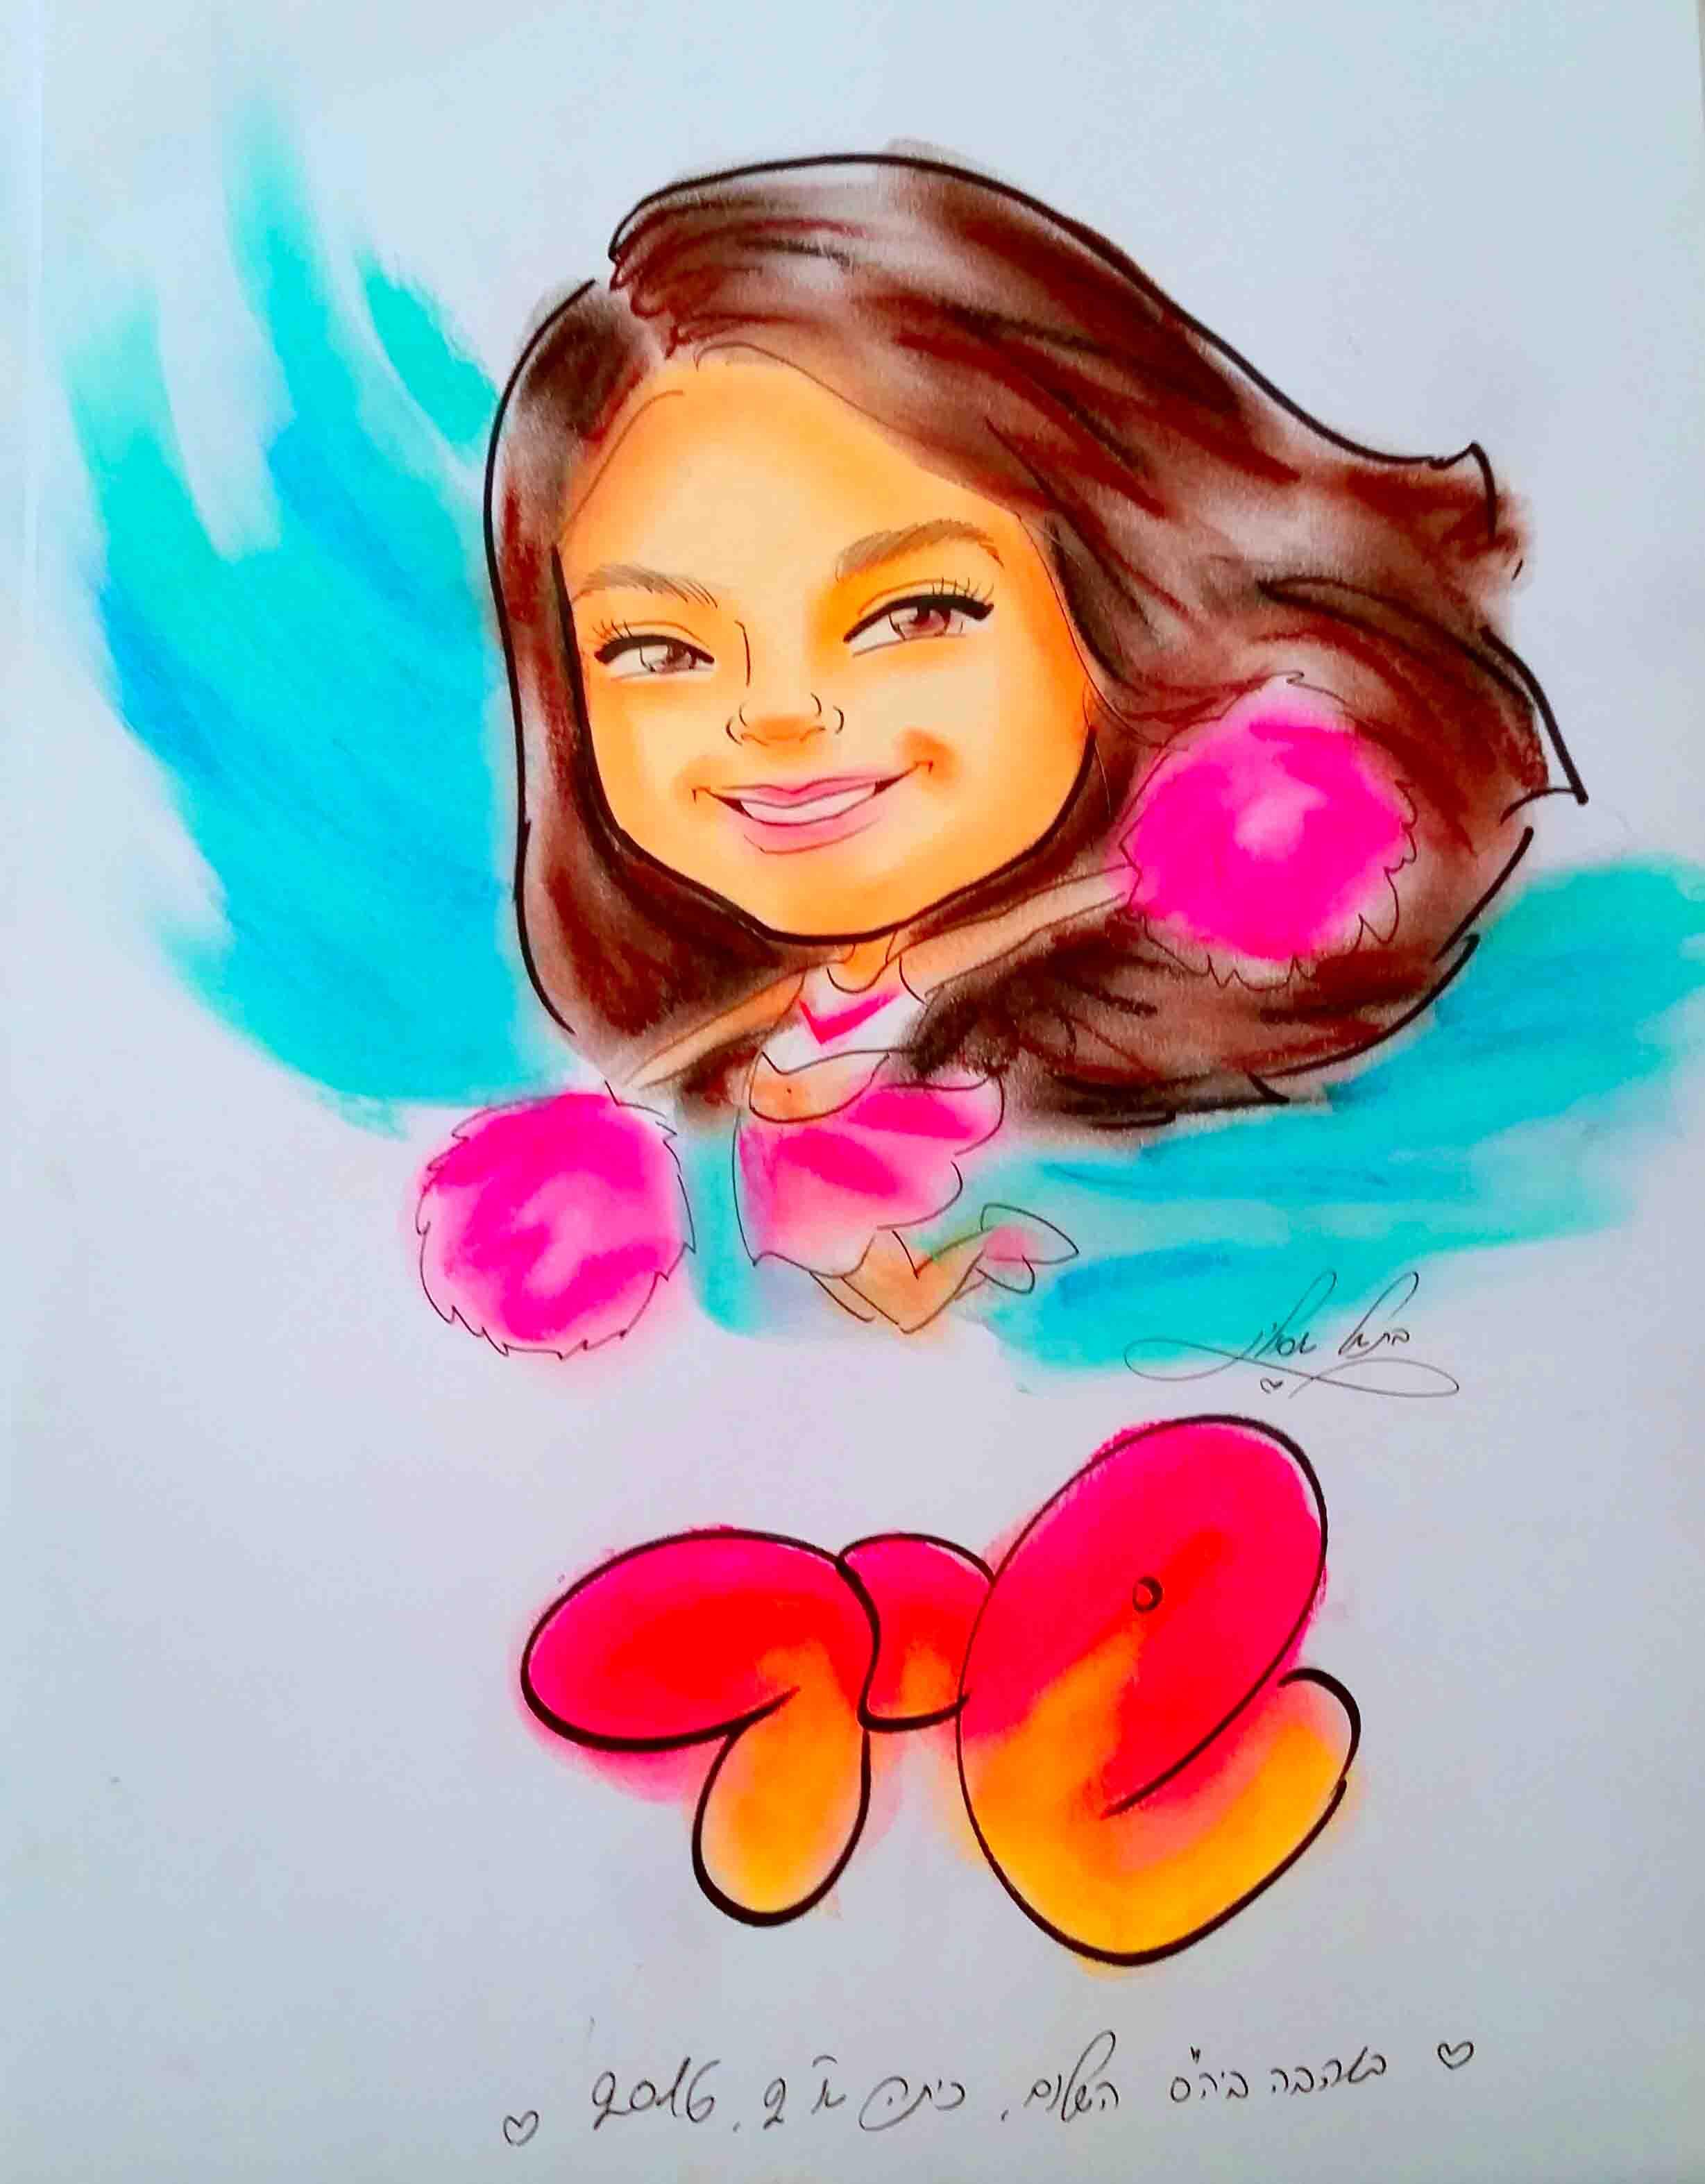 ציור קריקטורה כמתנה מושקעת לילדים בכל הגילאים